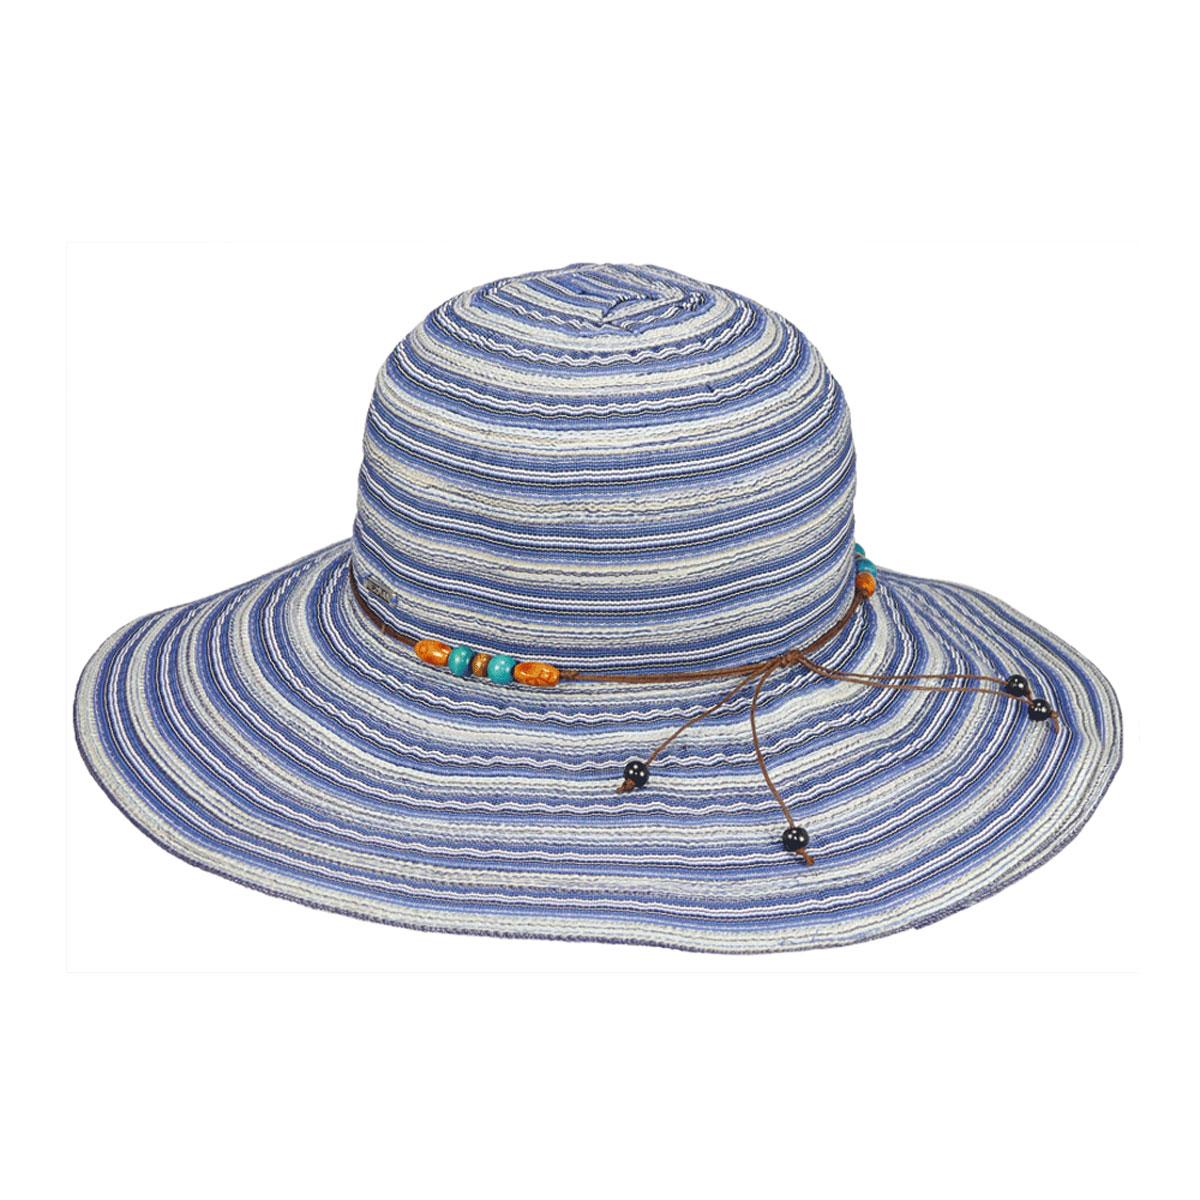 Шляпа женская Clara. 77-09077-090-18-00Широкополая шляпа R.Mountain Clara украсит любой наряд. Модель оформлена оригинальным принтом в полоску и тонкой верёвкой с бусинами вокруг тульи. Благодаря своей форме, шляпа удобно садится по голове и подойдет к любому стилю. Изделие легко восстанавливает свою форму после сжатия. Такая шляпка подчеркнет вашу неповторимость и дополнит ваш повседневный образ.